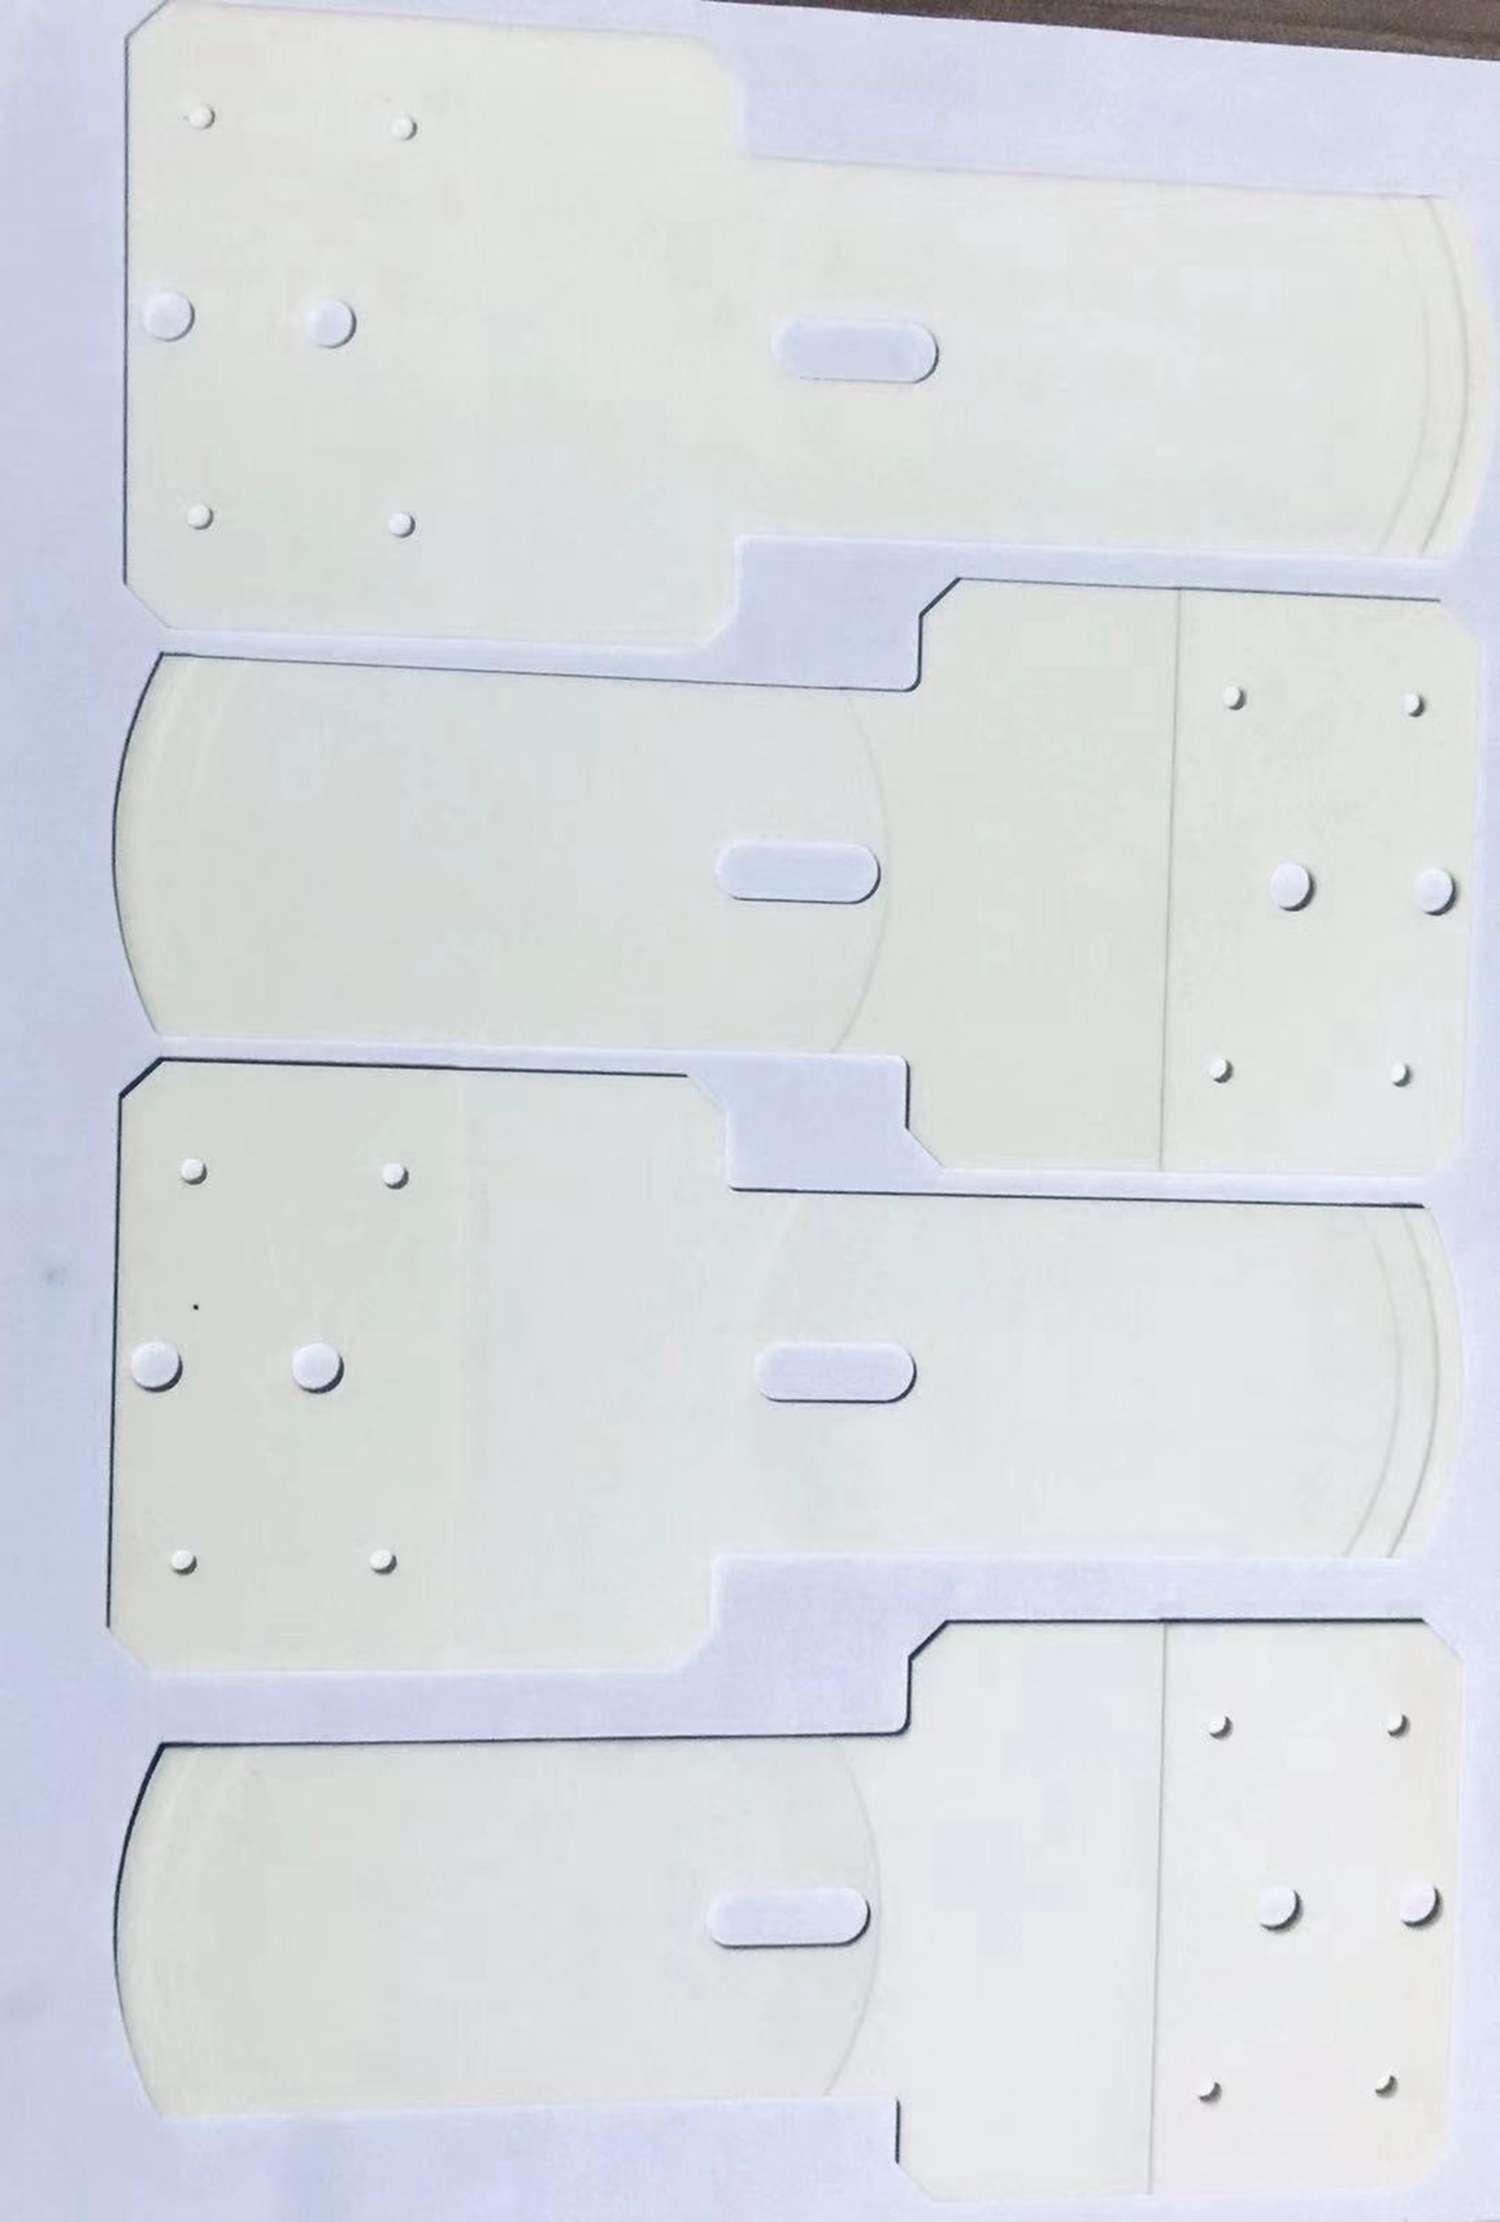 韶关本地微孔陶瓷真空吸盘什么价格,微孔陶瓷真空吸盘